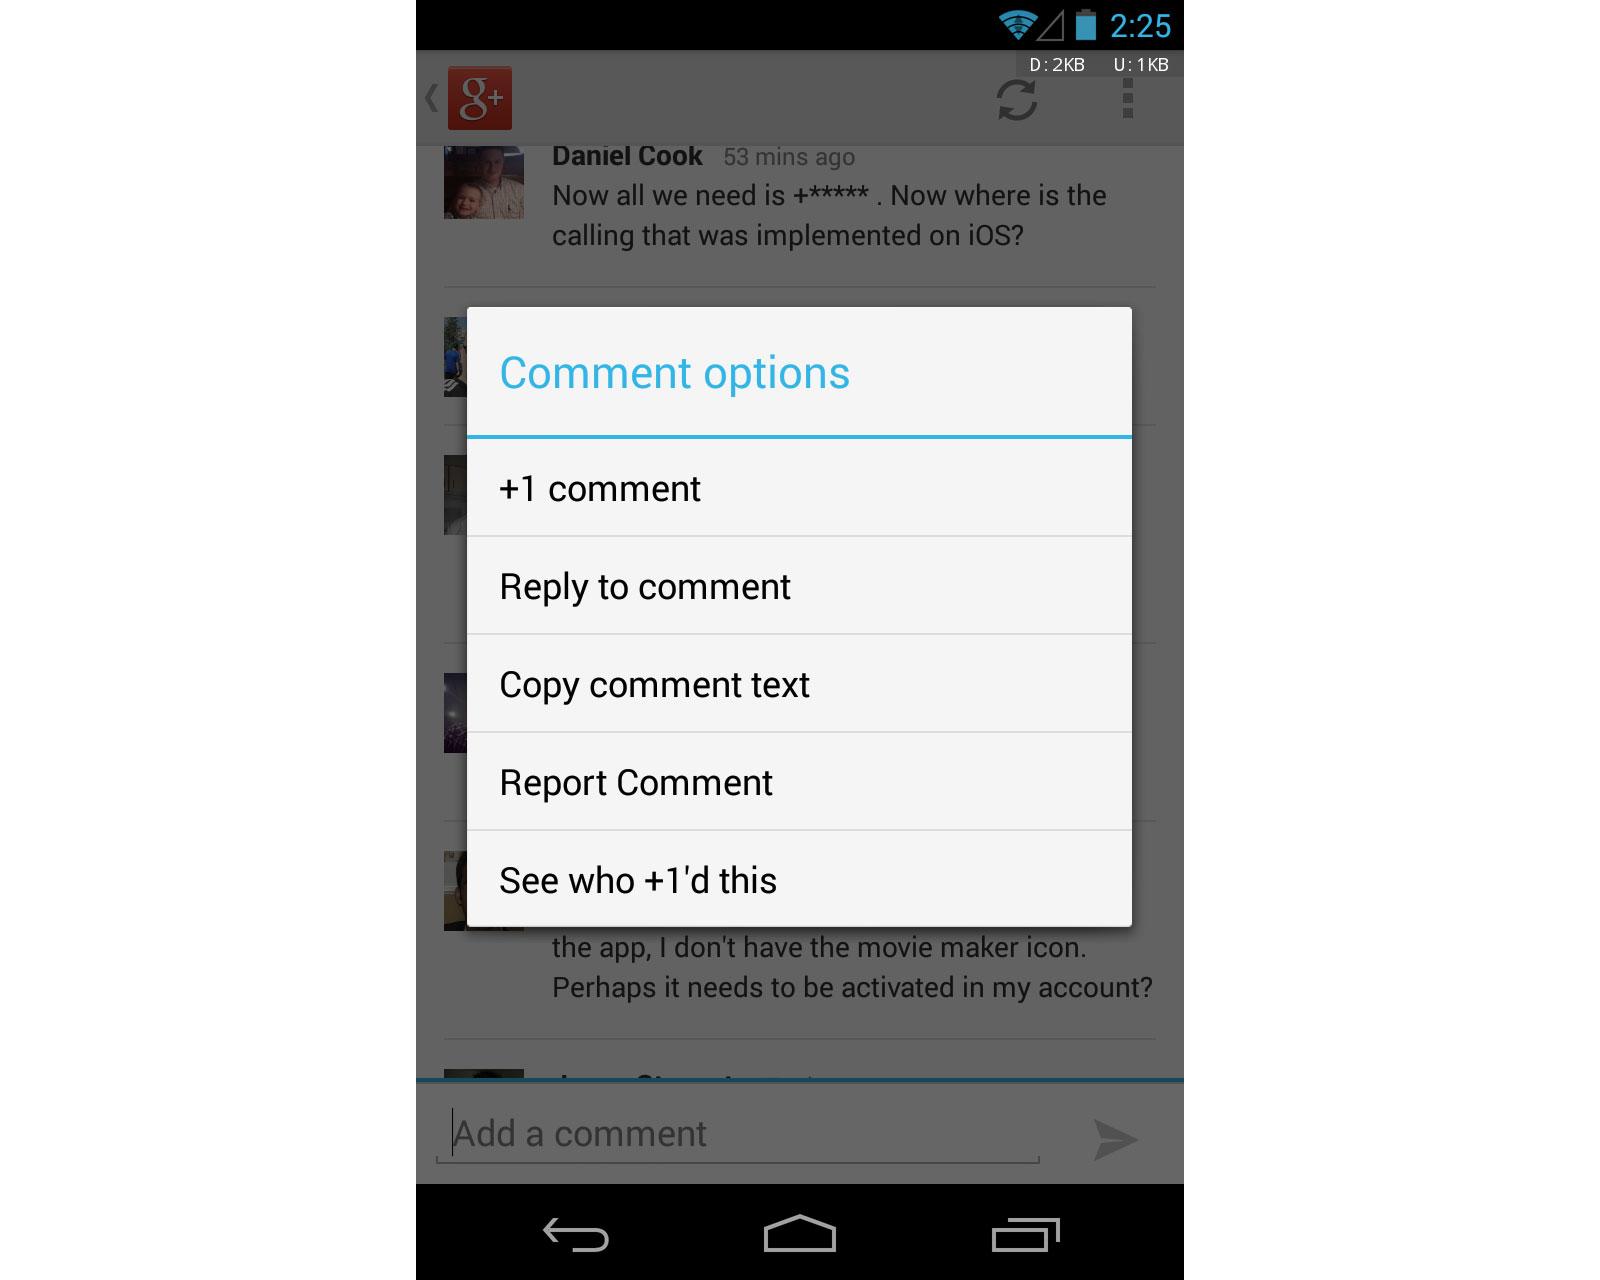 nexusae0_Screenshot_2013-10-29-14-25-54